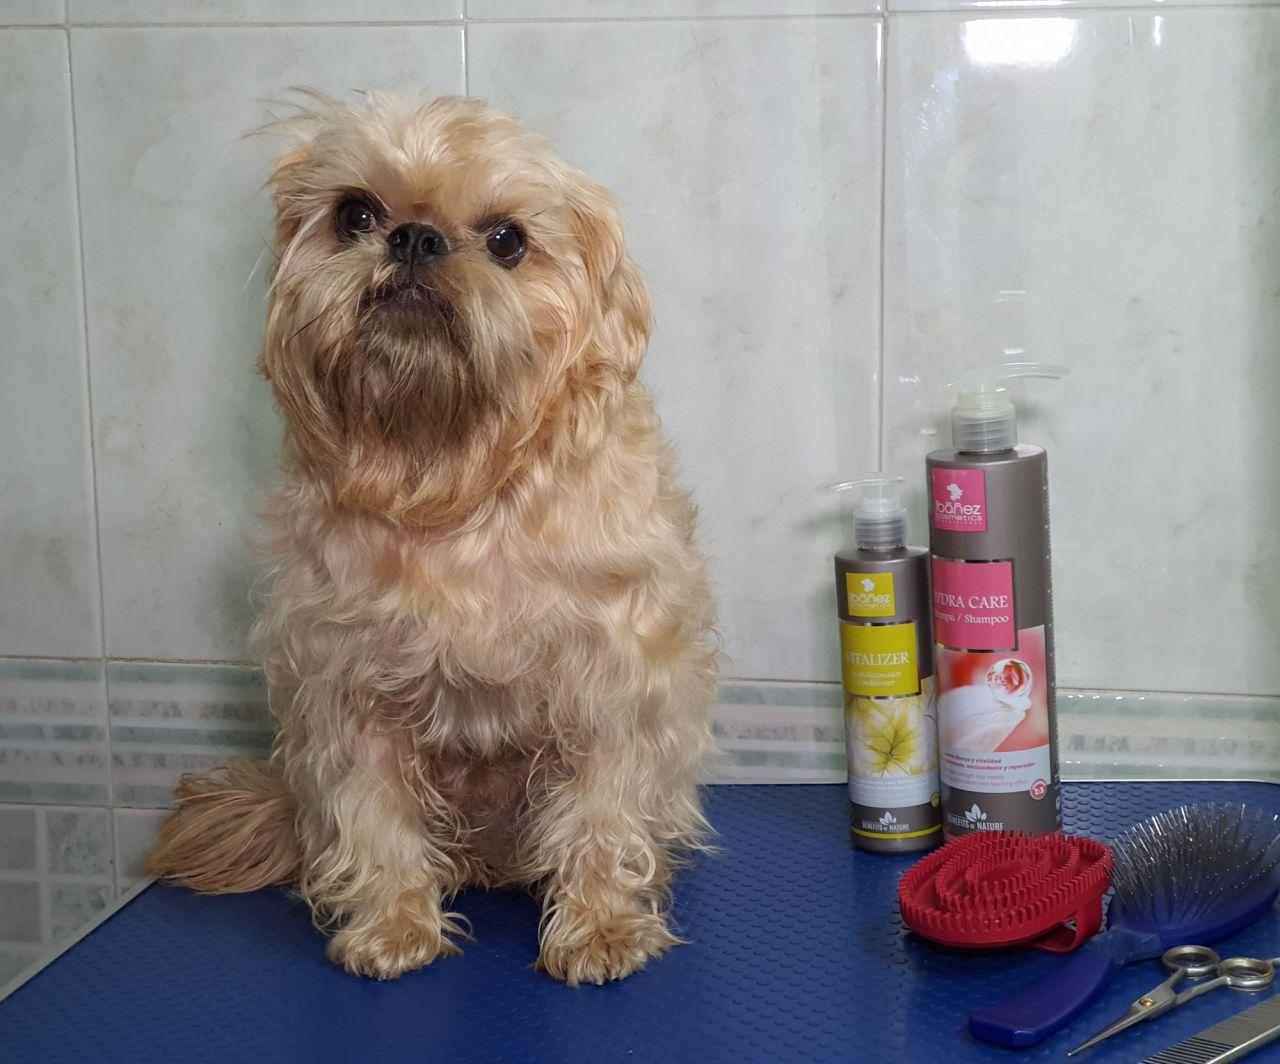 Tratamiento realizado a un perro con piel seca y dañada.